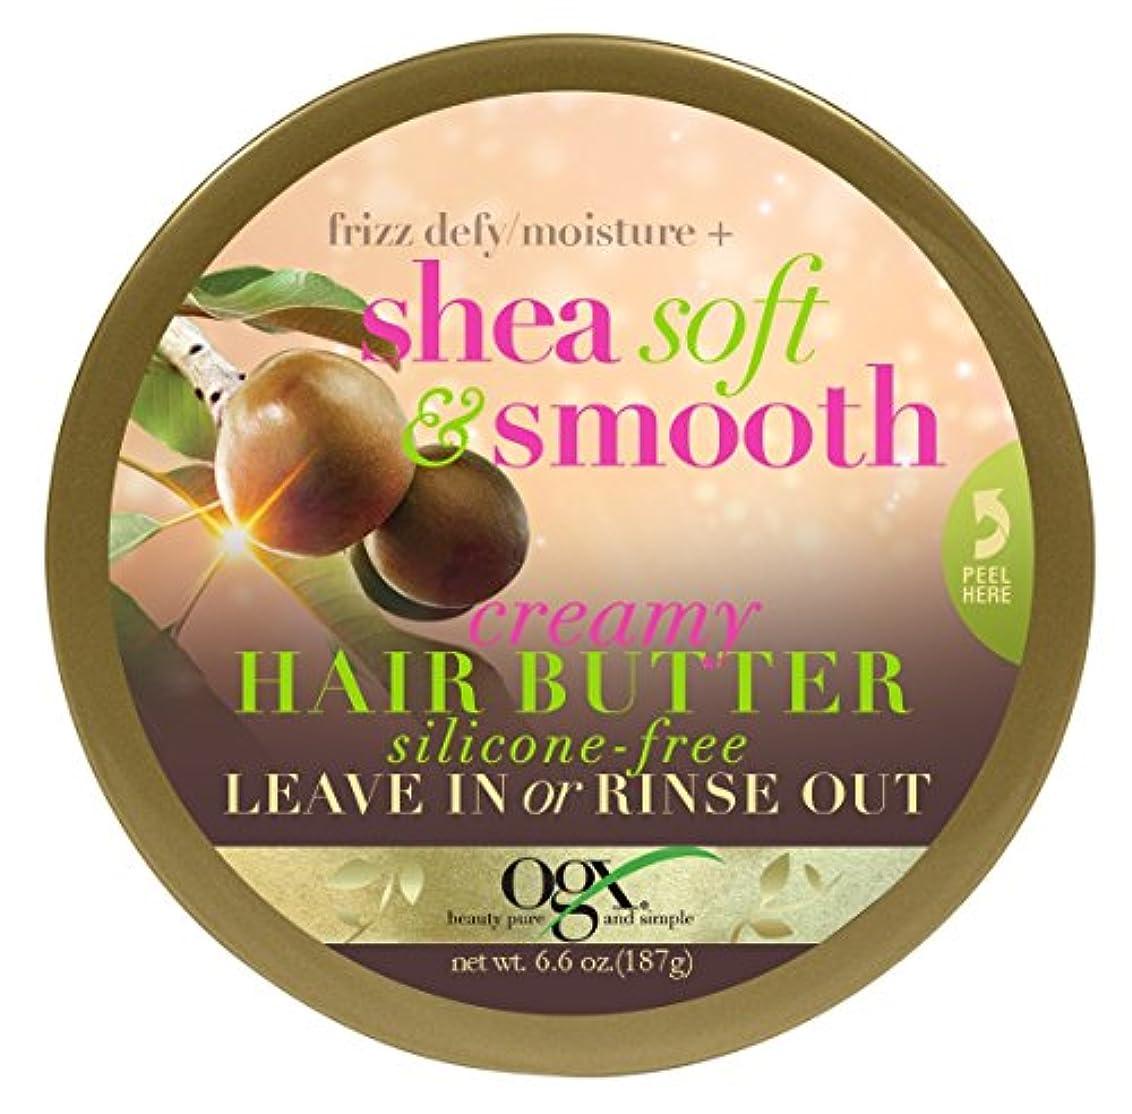 保全ペネロペ外交OGX シェイソフト&スムーズな髪バター6.6オンスのジャー(195Ml)(2パック)